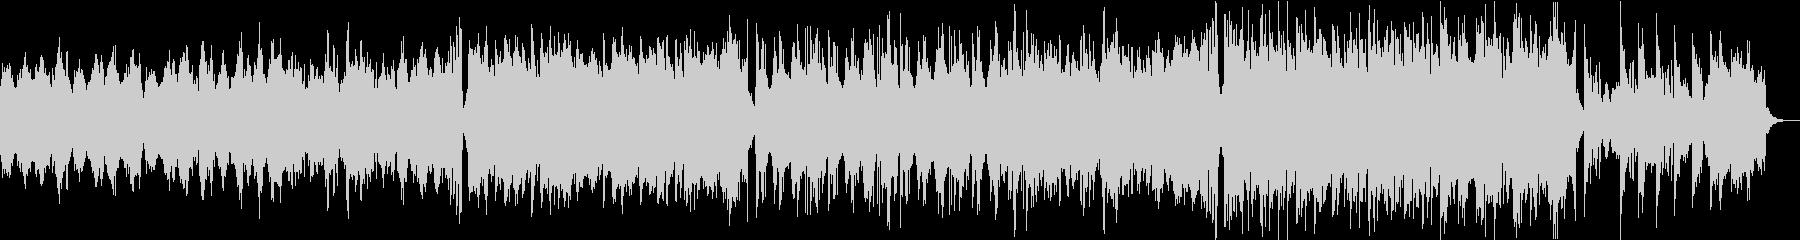 切ないメロディー・オーケストラバラードの未再生の波形